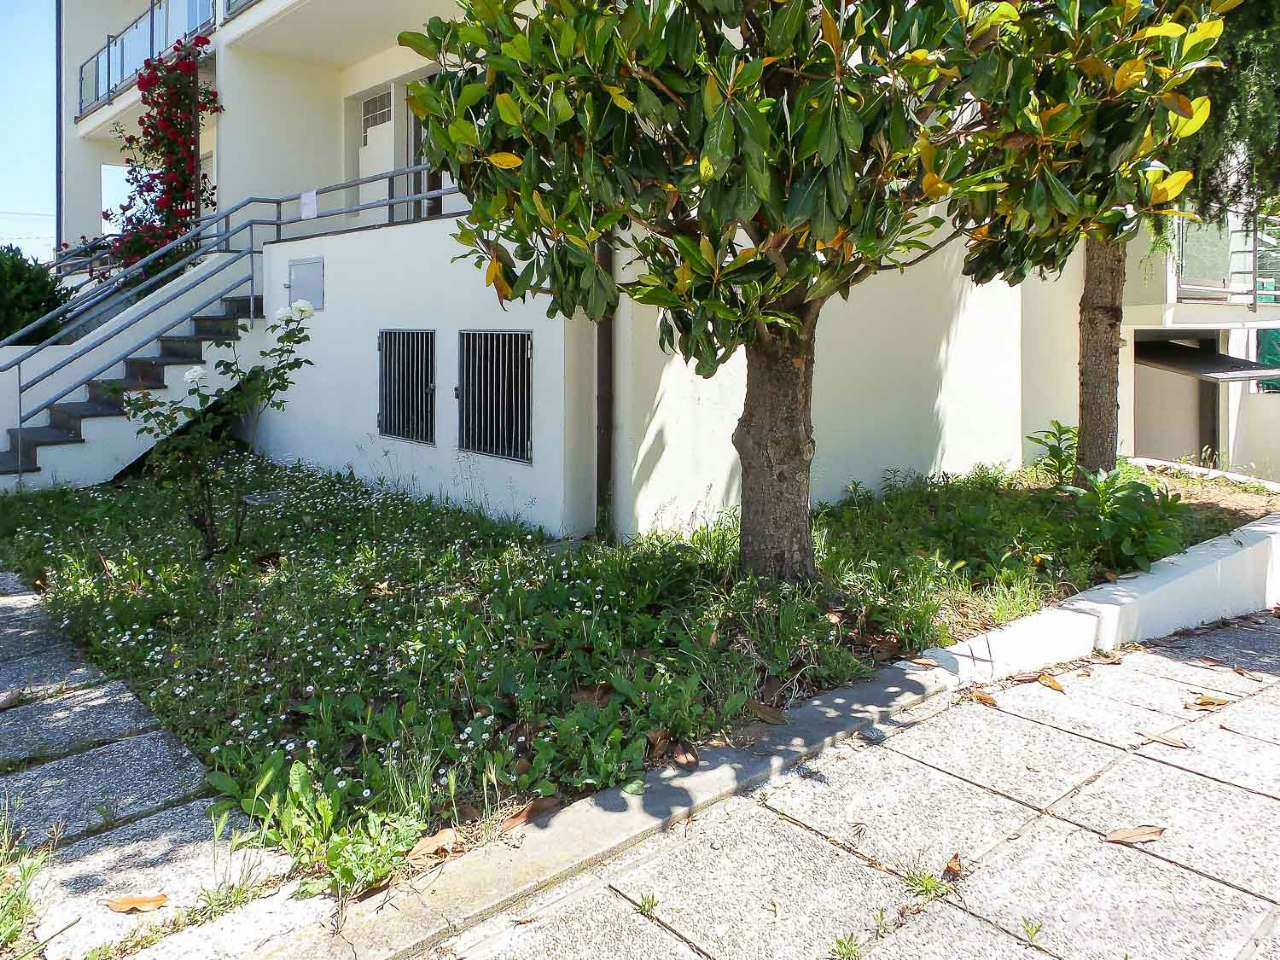 Villa Bifamiliare in vendita a Cesena, 7 locali, prezzo € 200.000 | CambioCasa.it